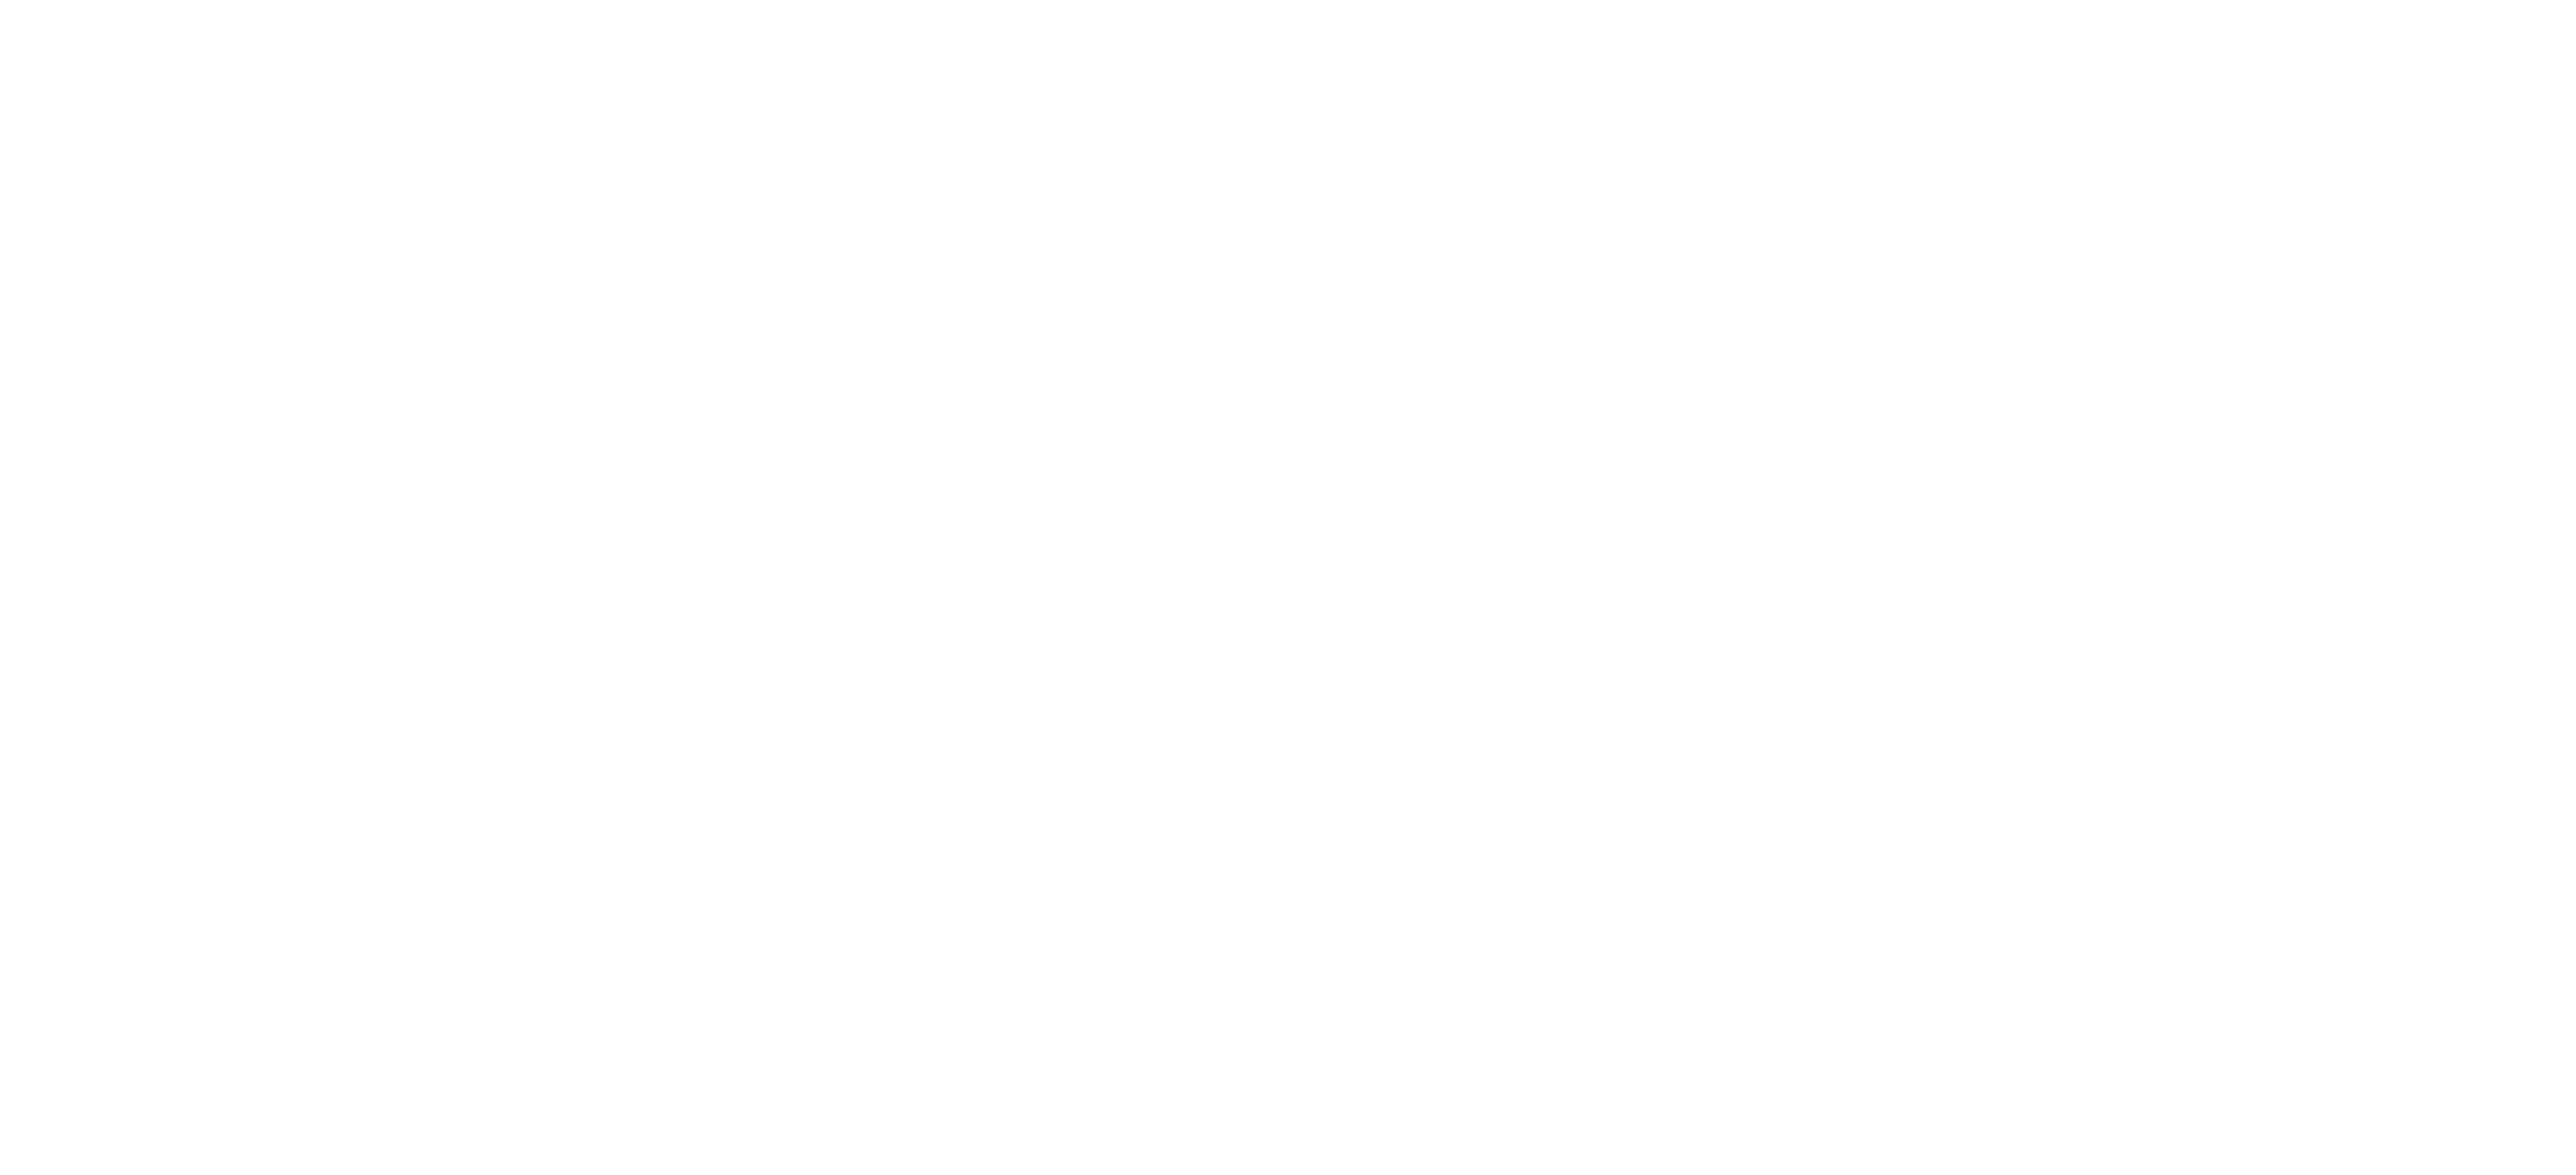 IH_2019-02Transparent (1)